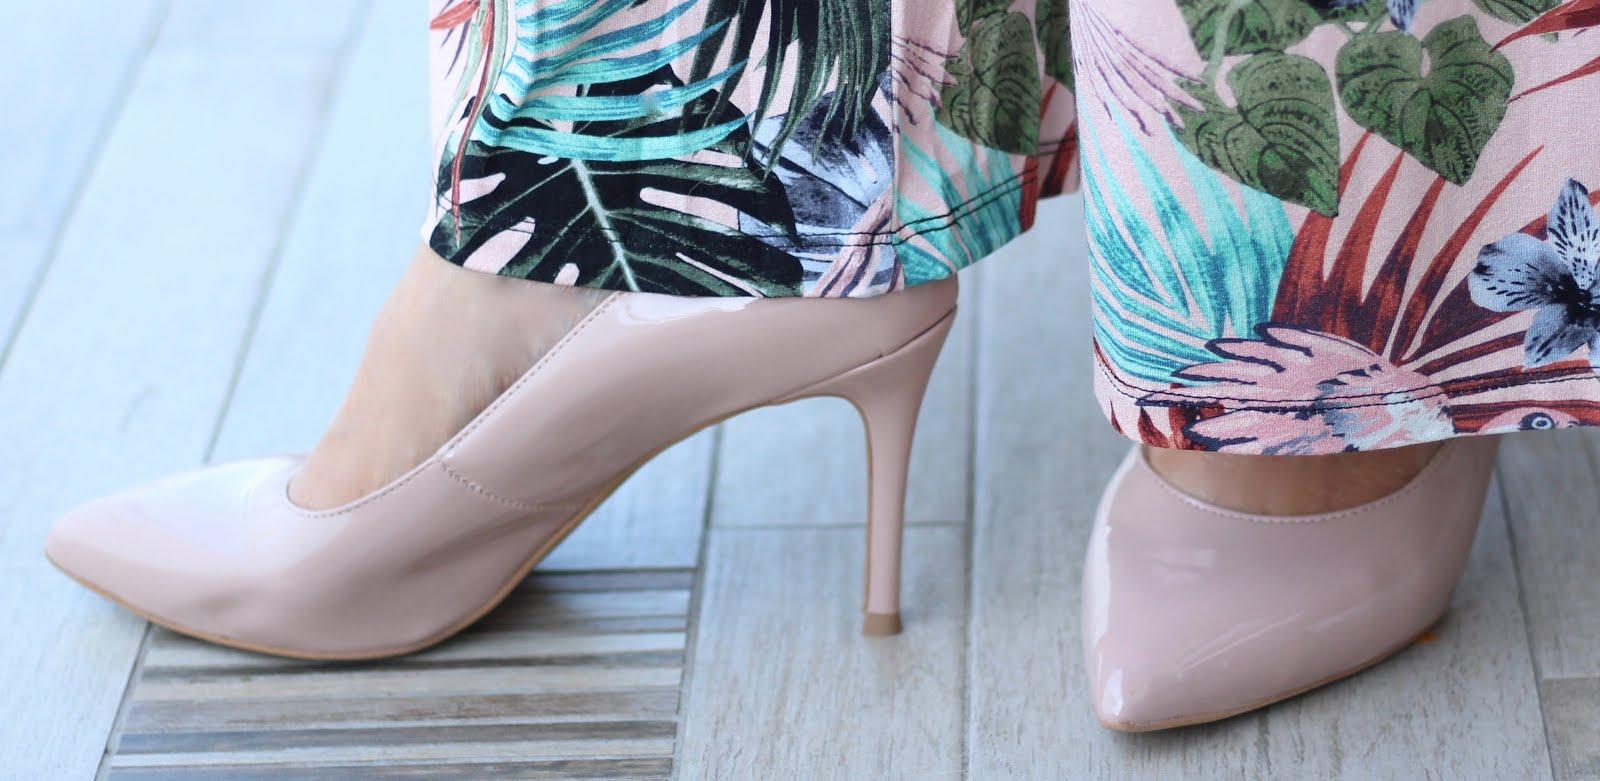 Fashion Friday: Elegant für Büro und Stadt in Türkis-Rose